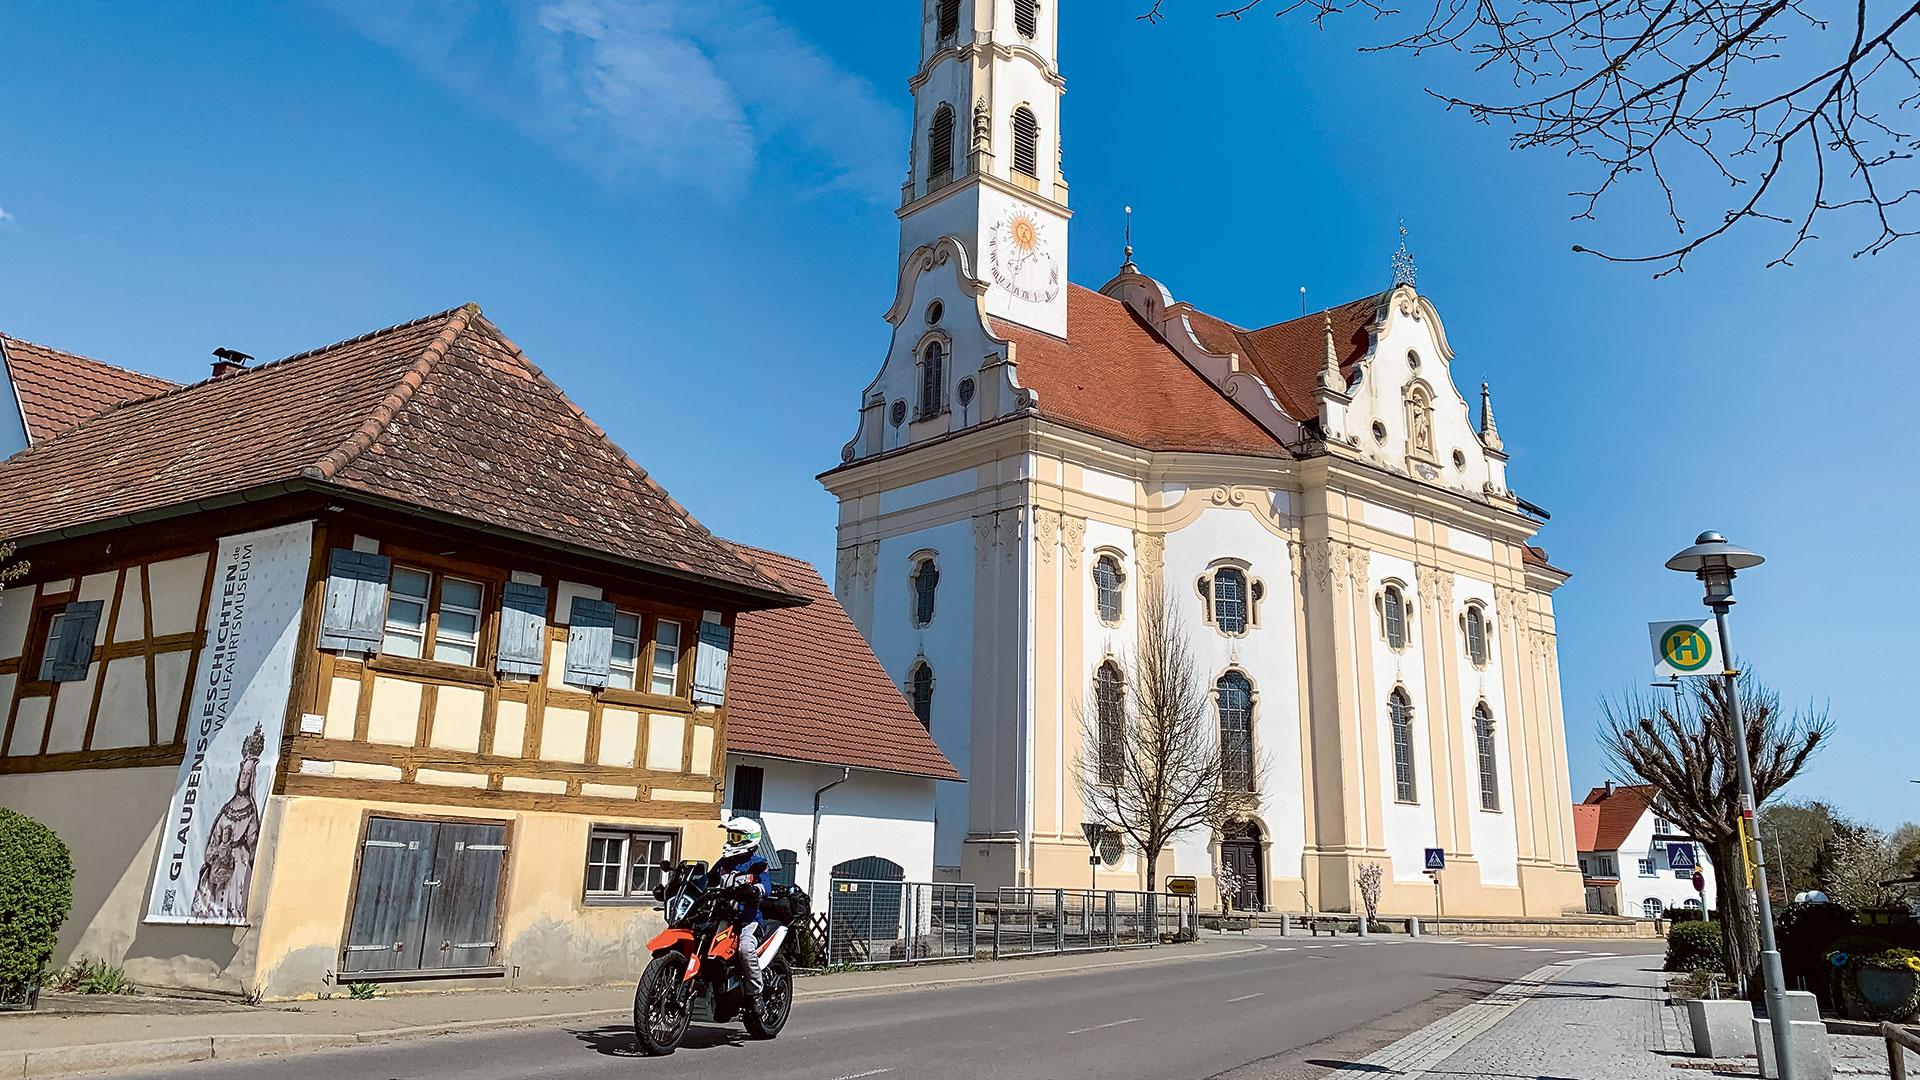 Oberschwäbische Barockstraße